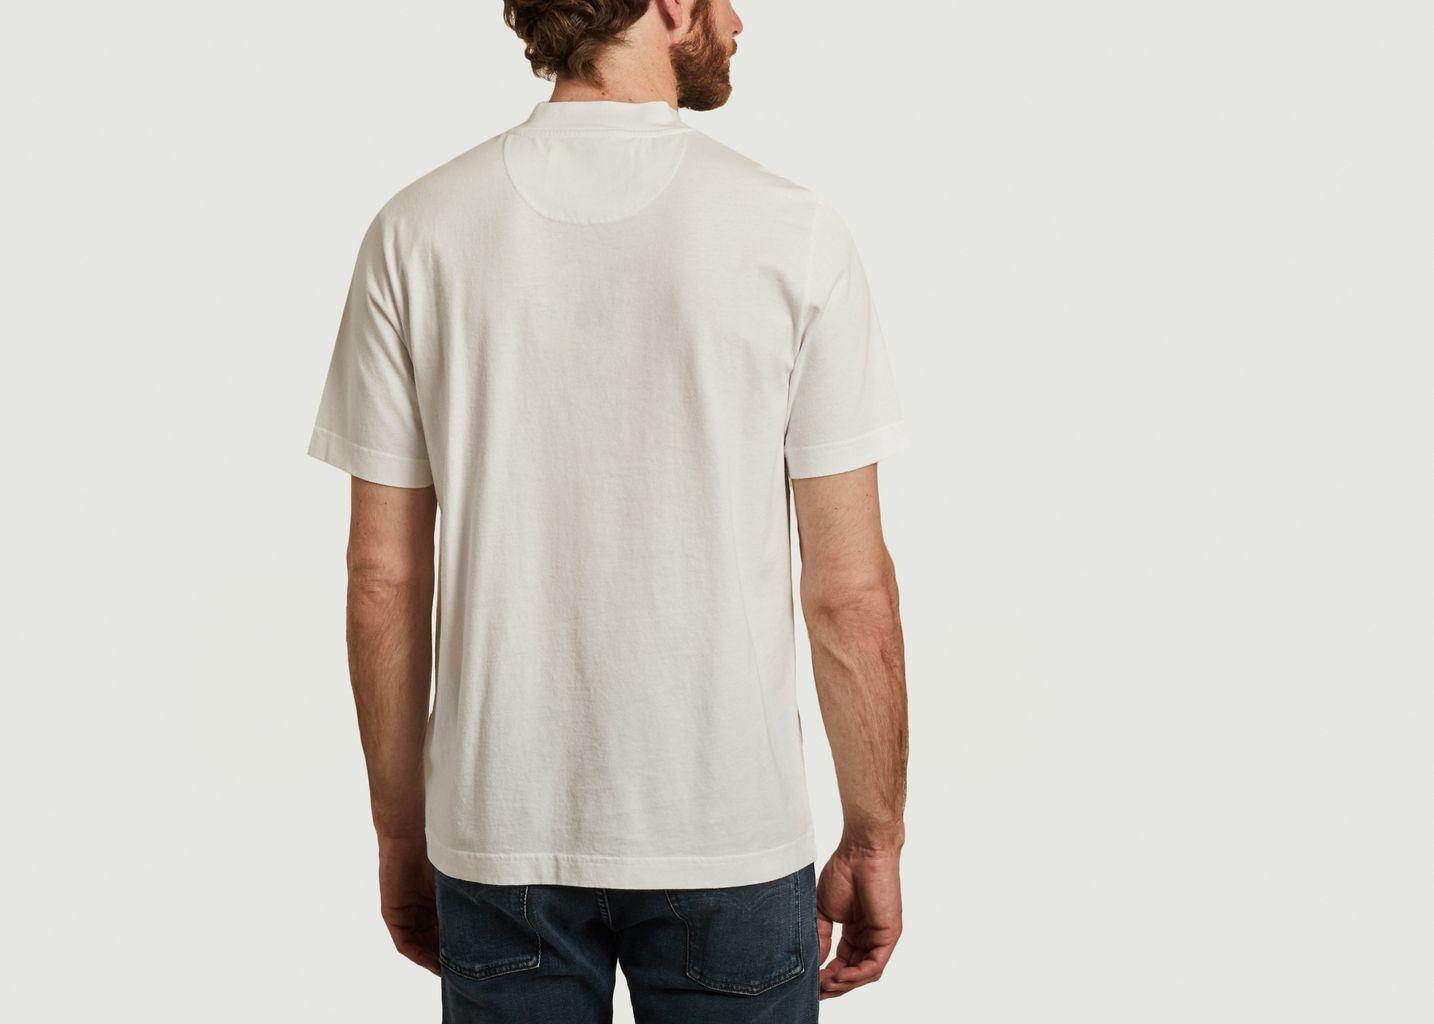 T-shirt x Mr Slowboy - Barbour